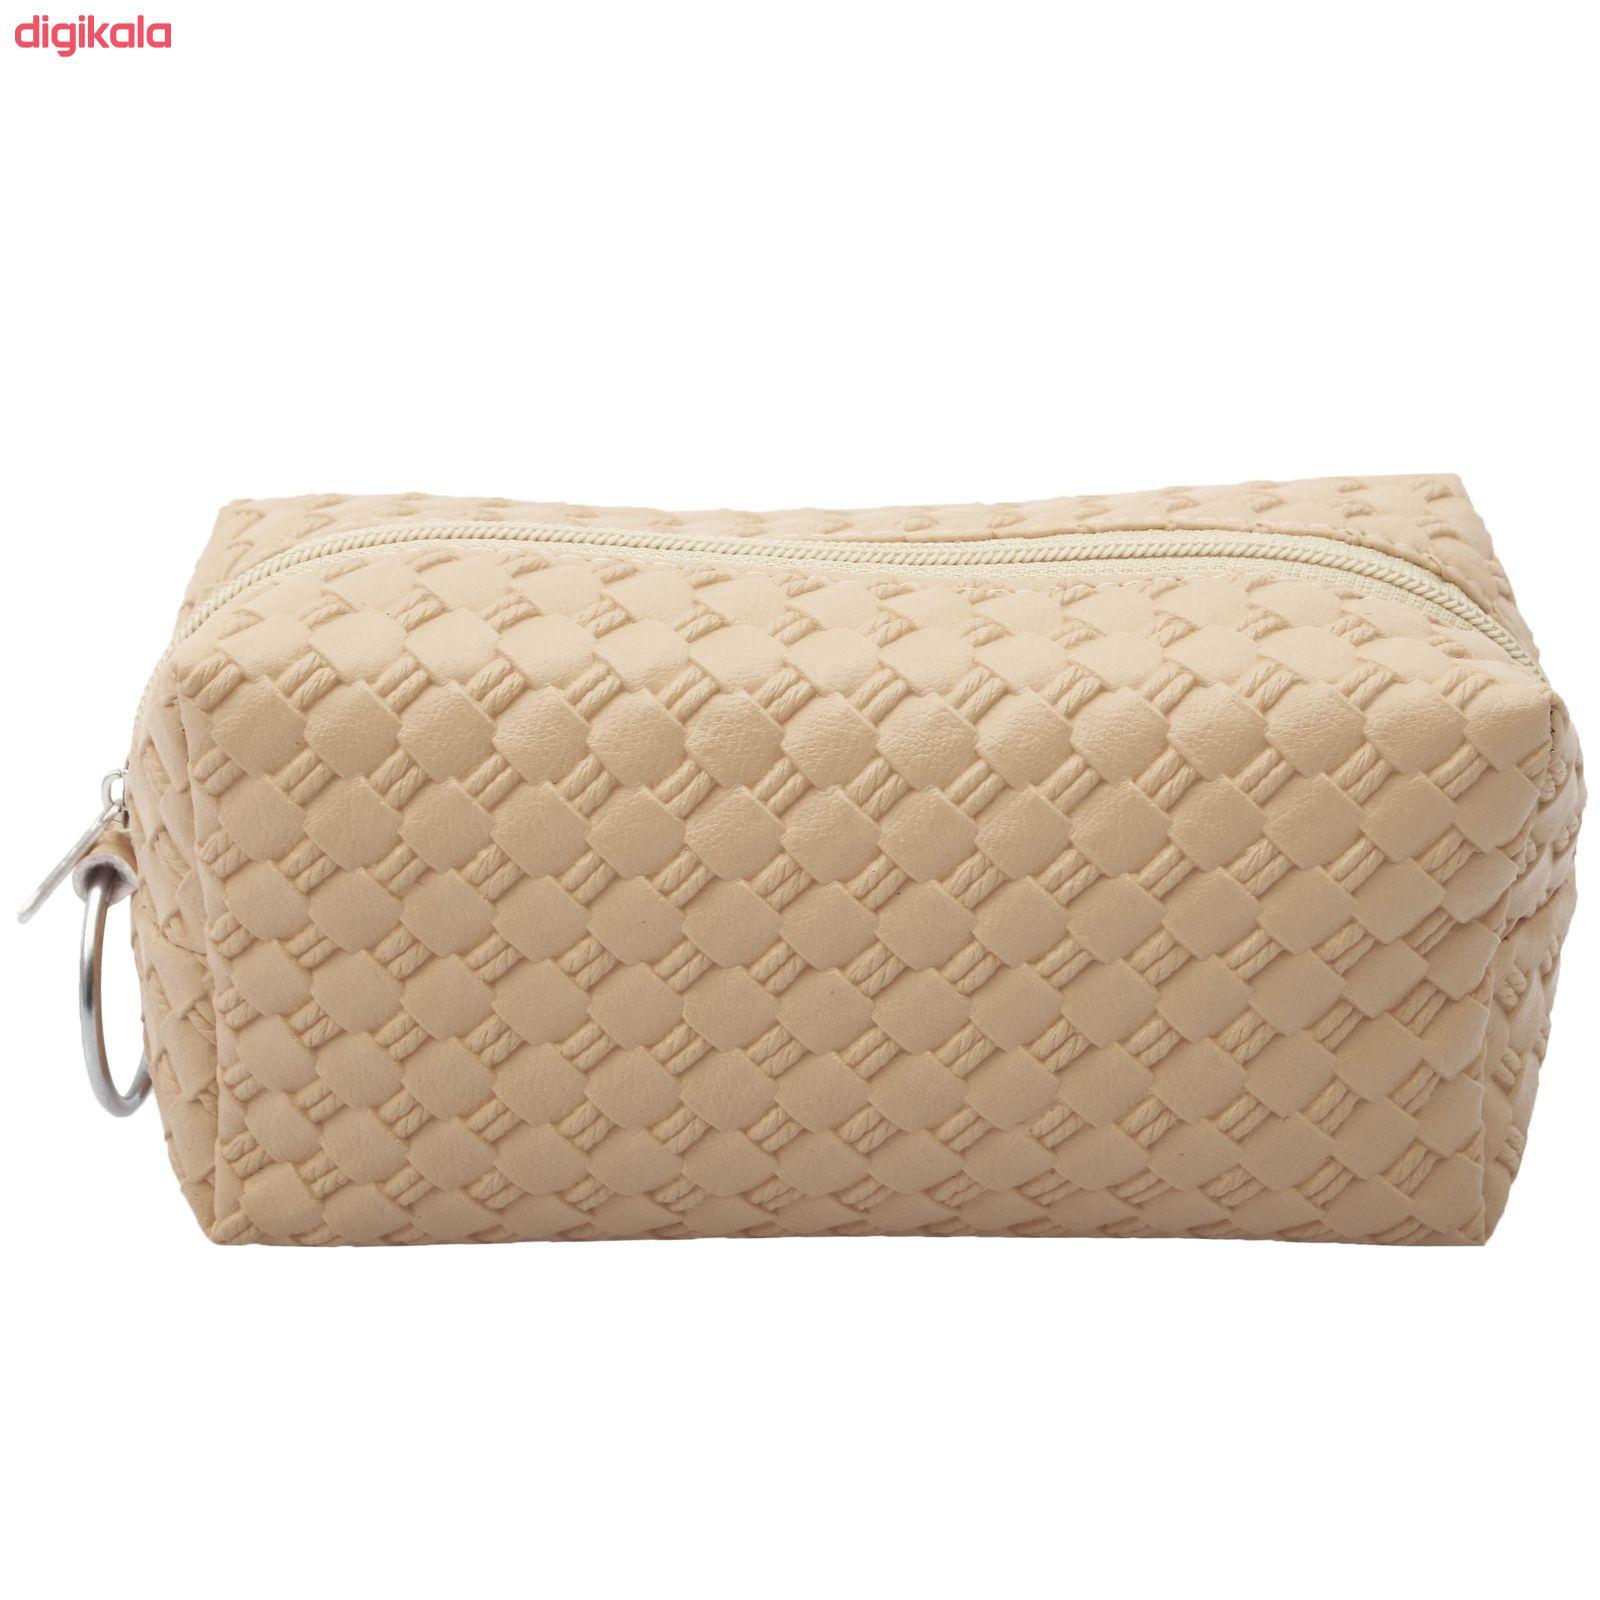 کیف لوازم آرایش کد GT0103 main 1 18